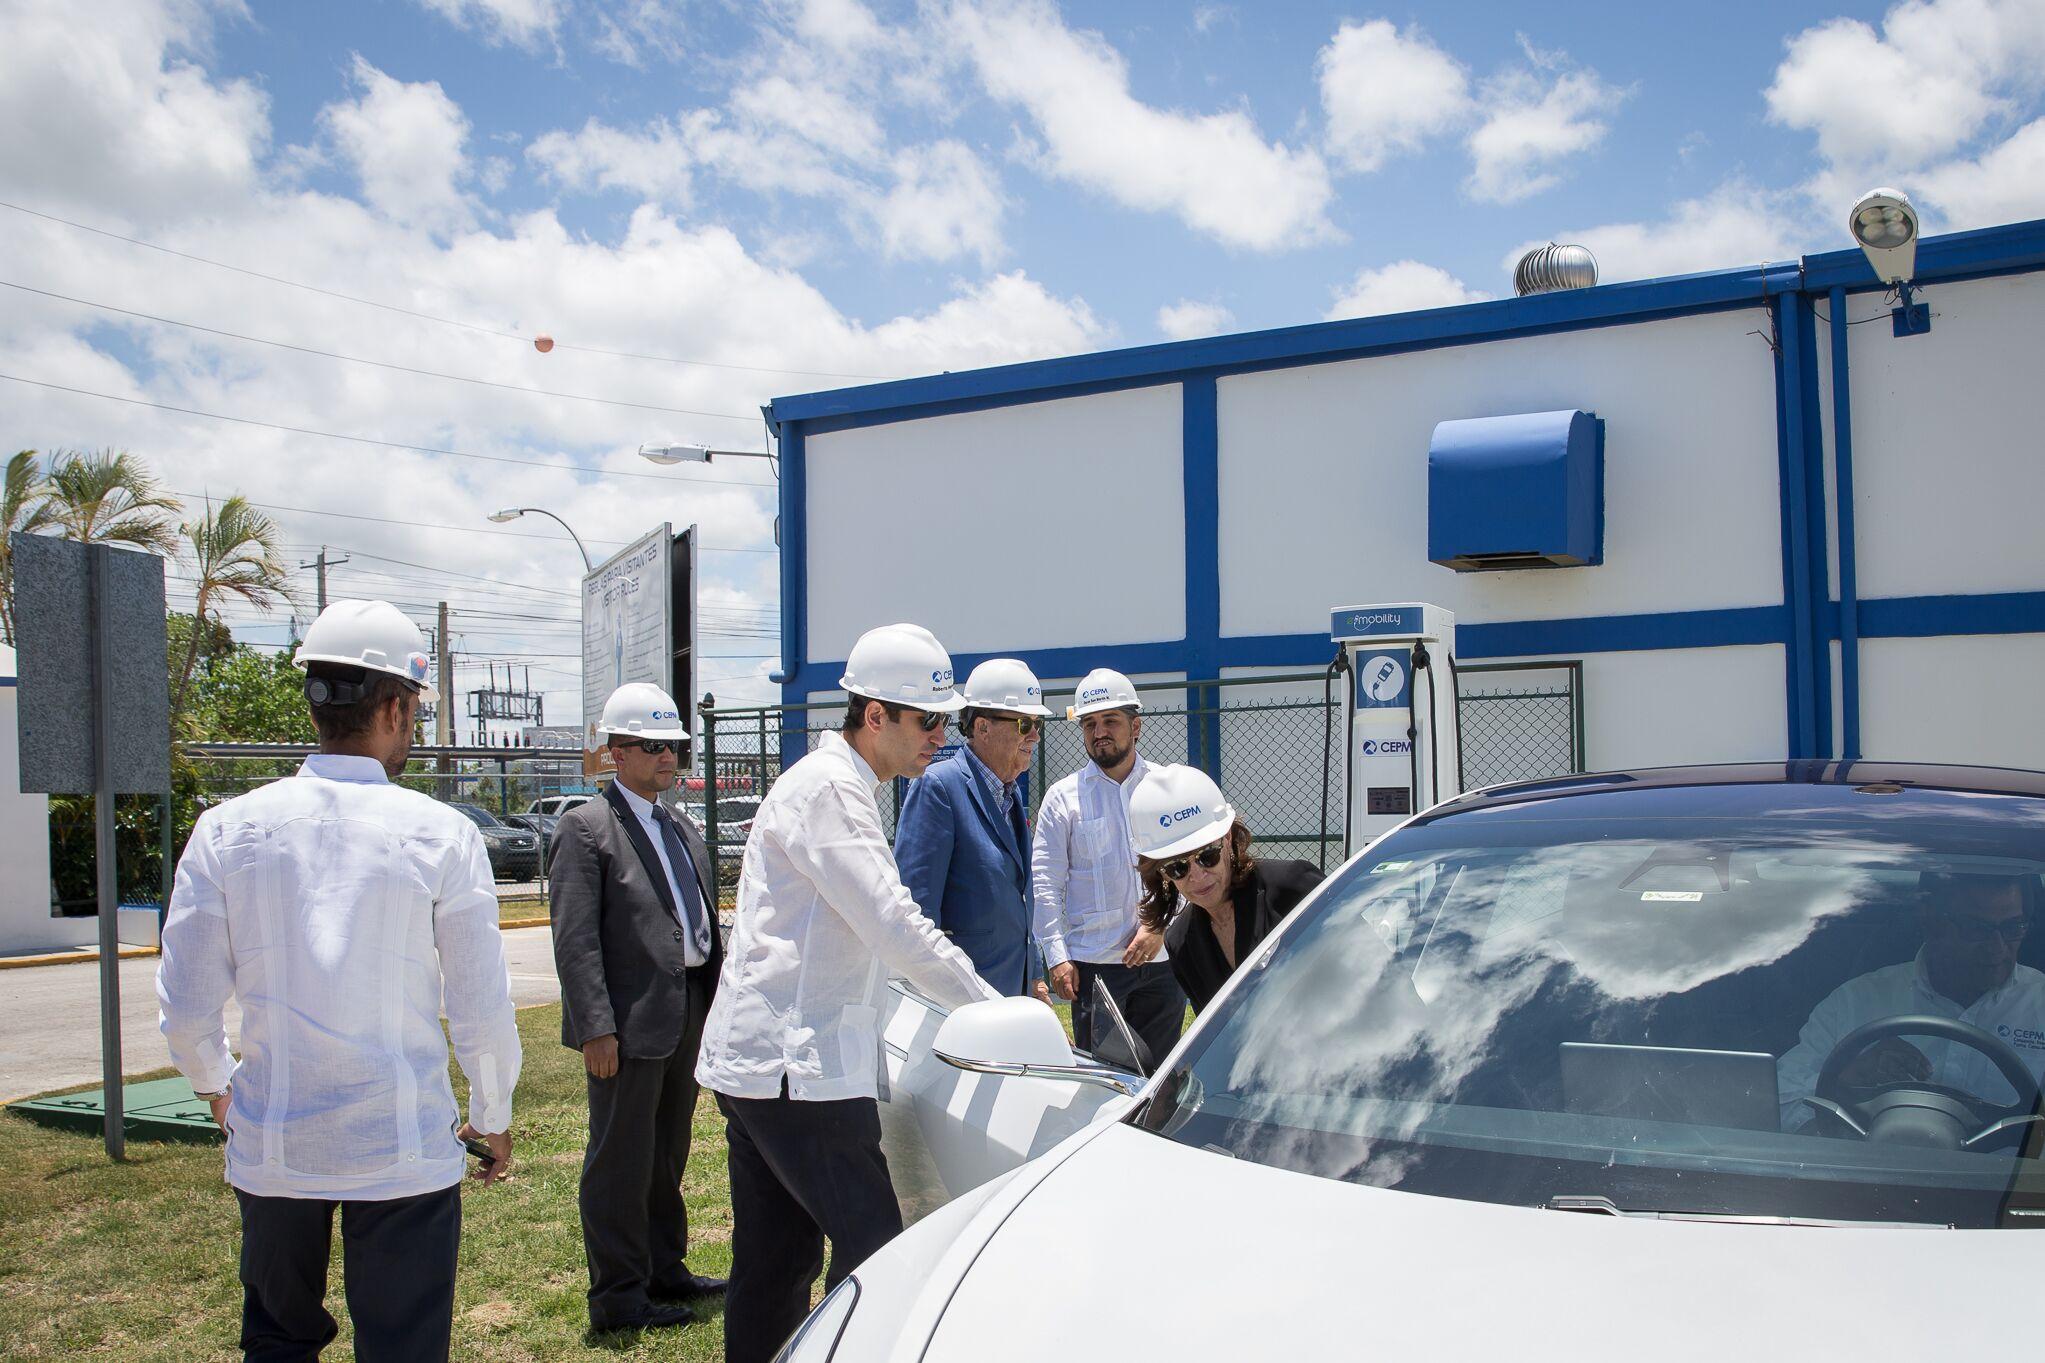 Embajadora de Estados Unidos visita instalaciones de CEPM en Bávaro